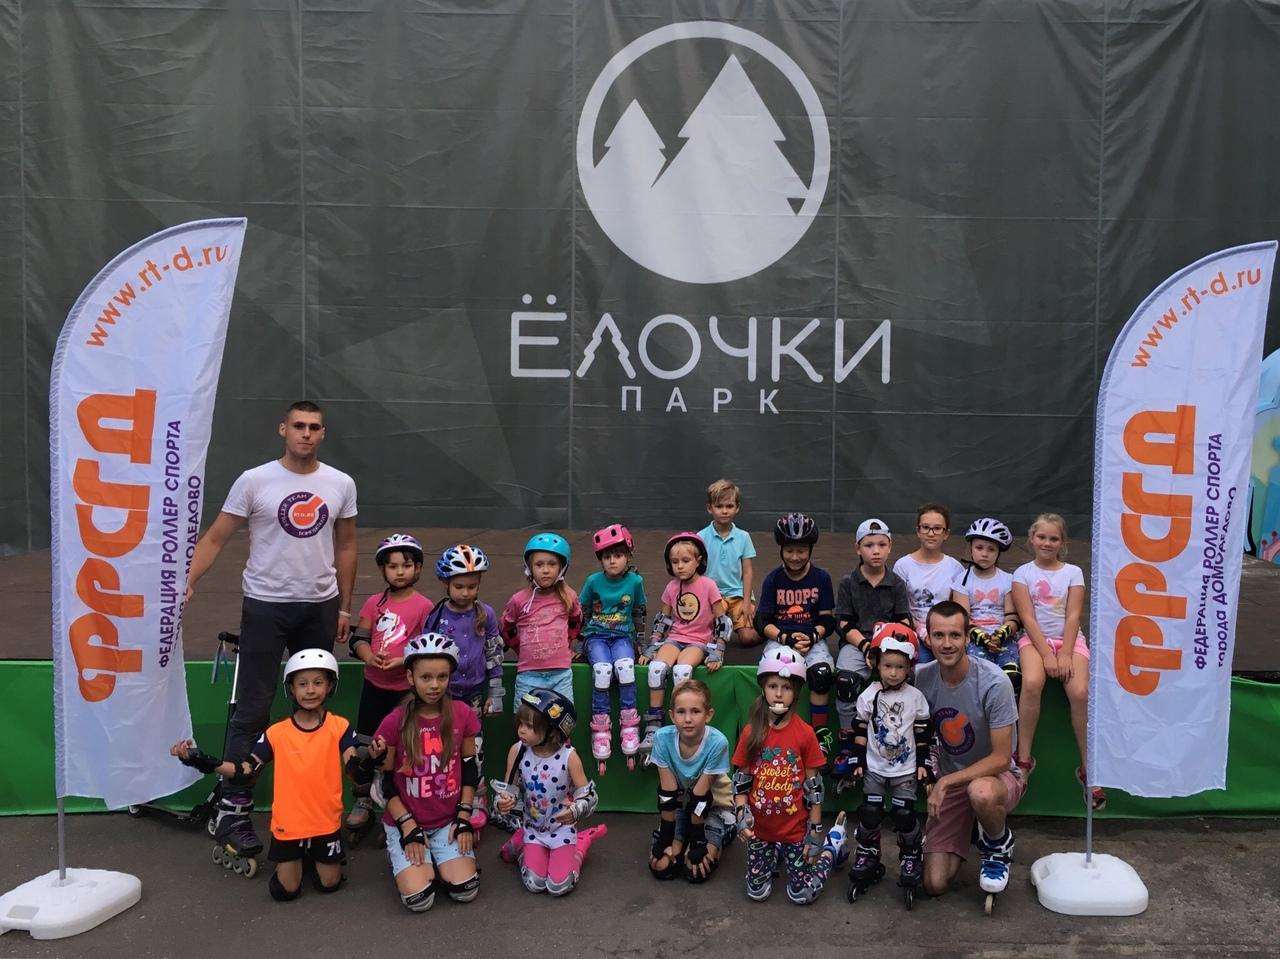 2 августа в городском парке «Ёлочки» состоится  бесплатный  урок по базовым навыкам катания на роликах